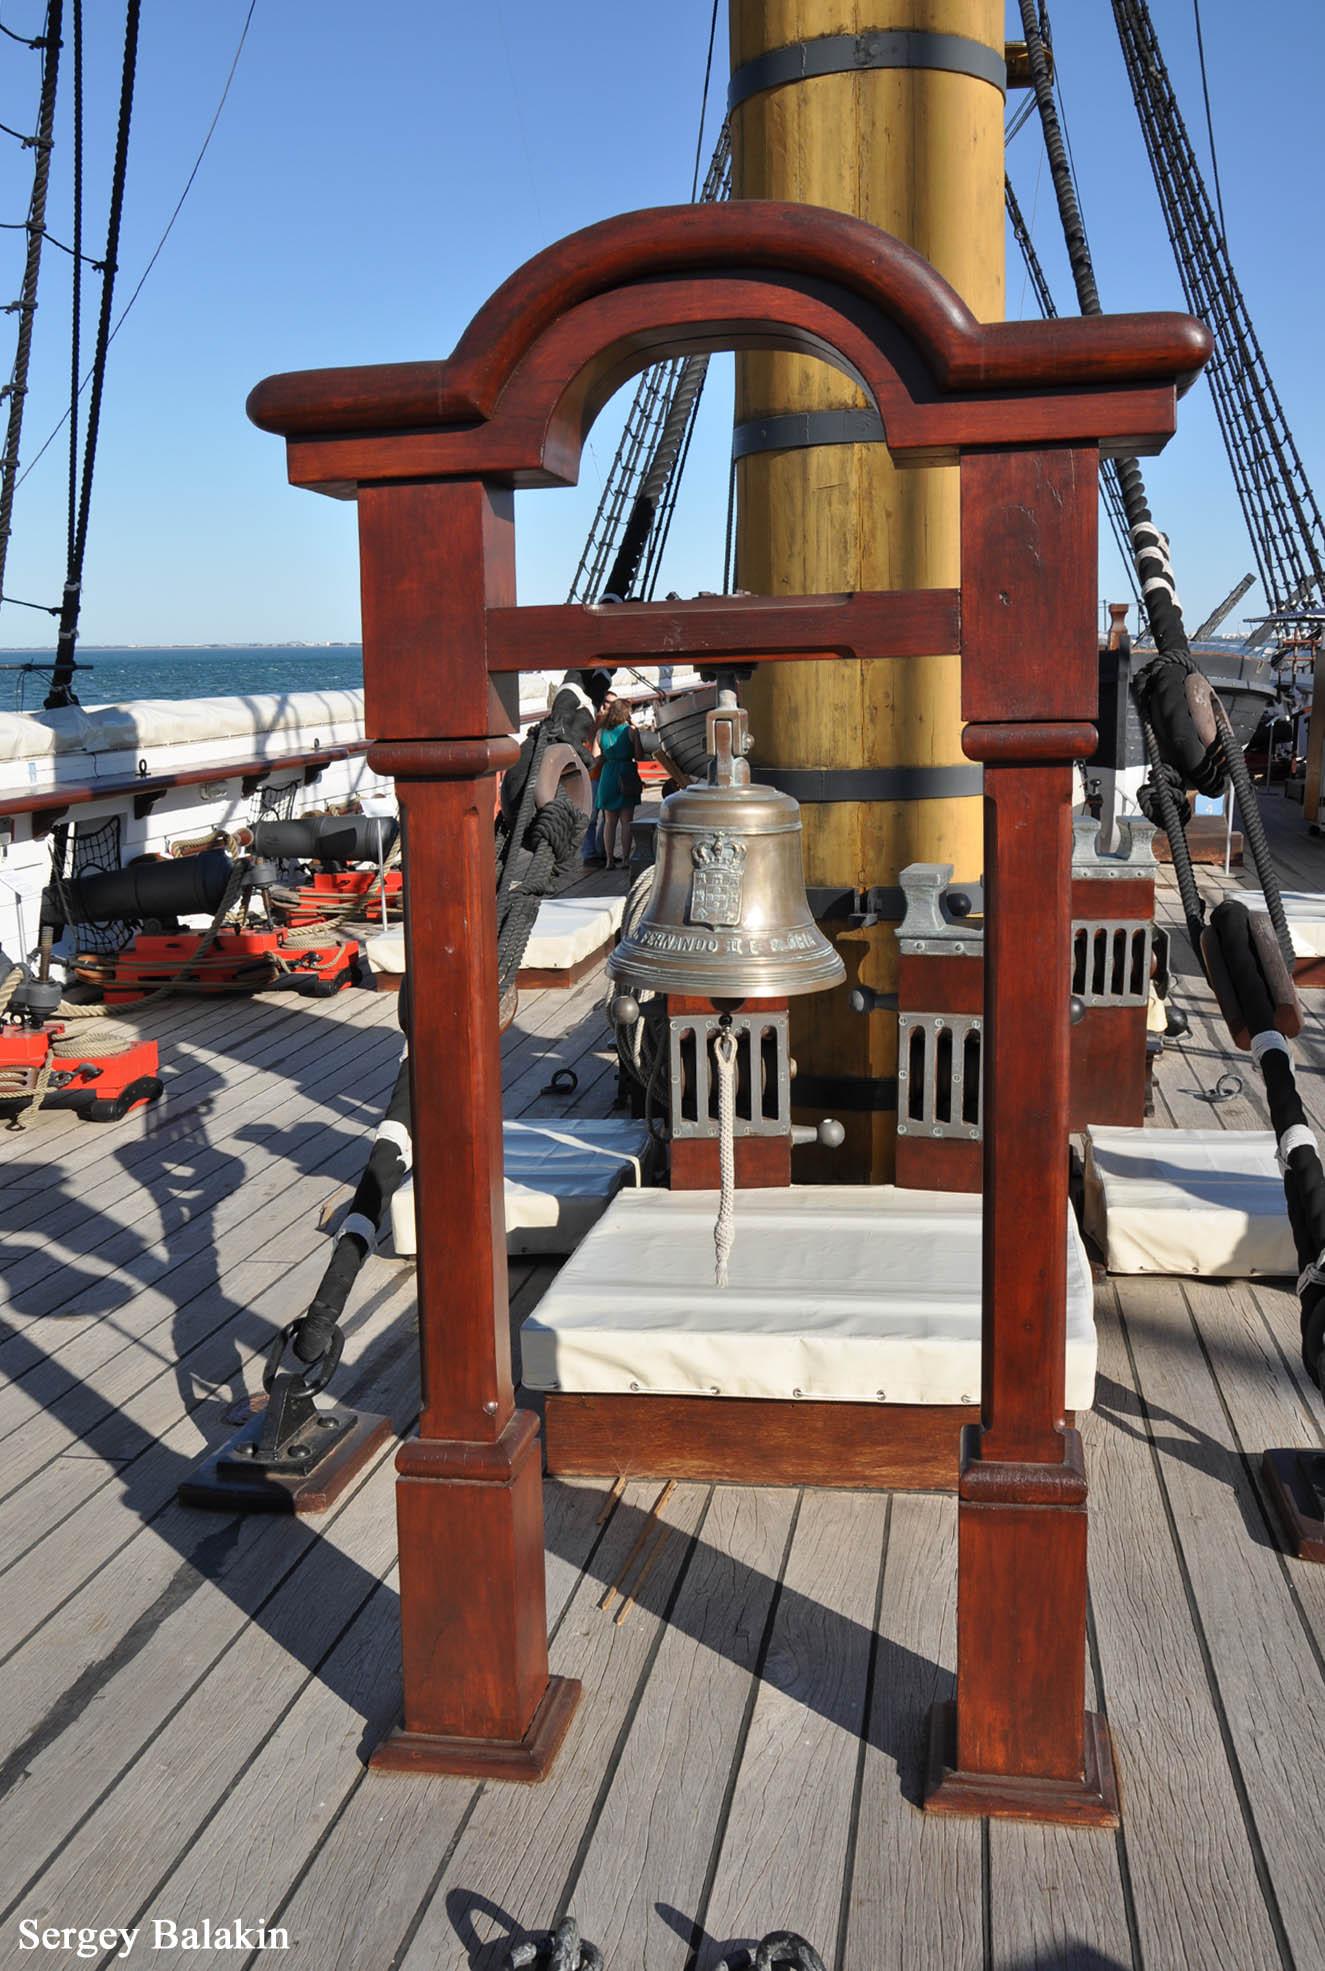 Судовой колокол с гербом и наименованием фрегата.